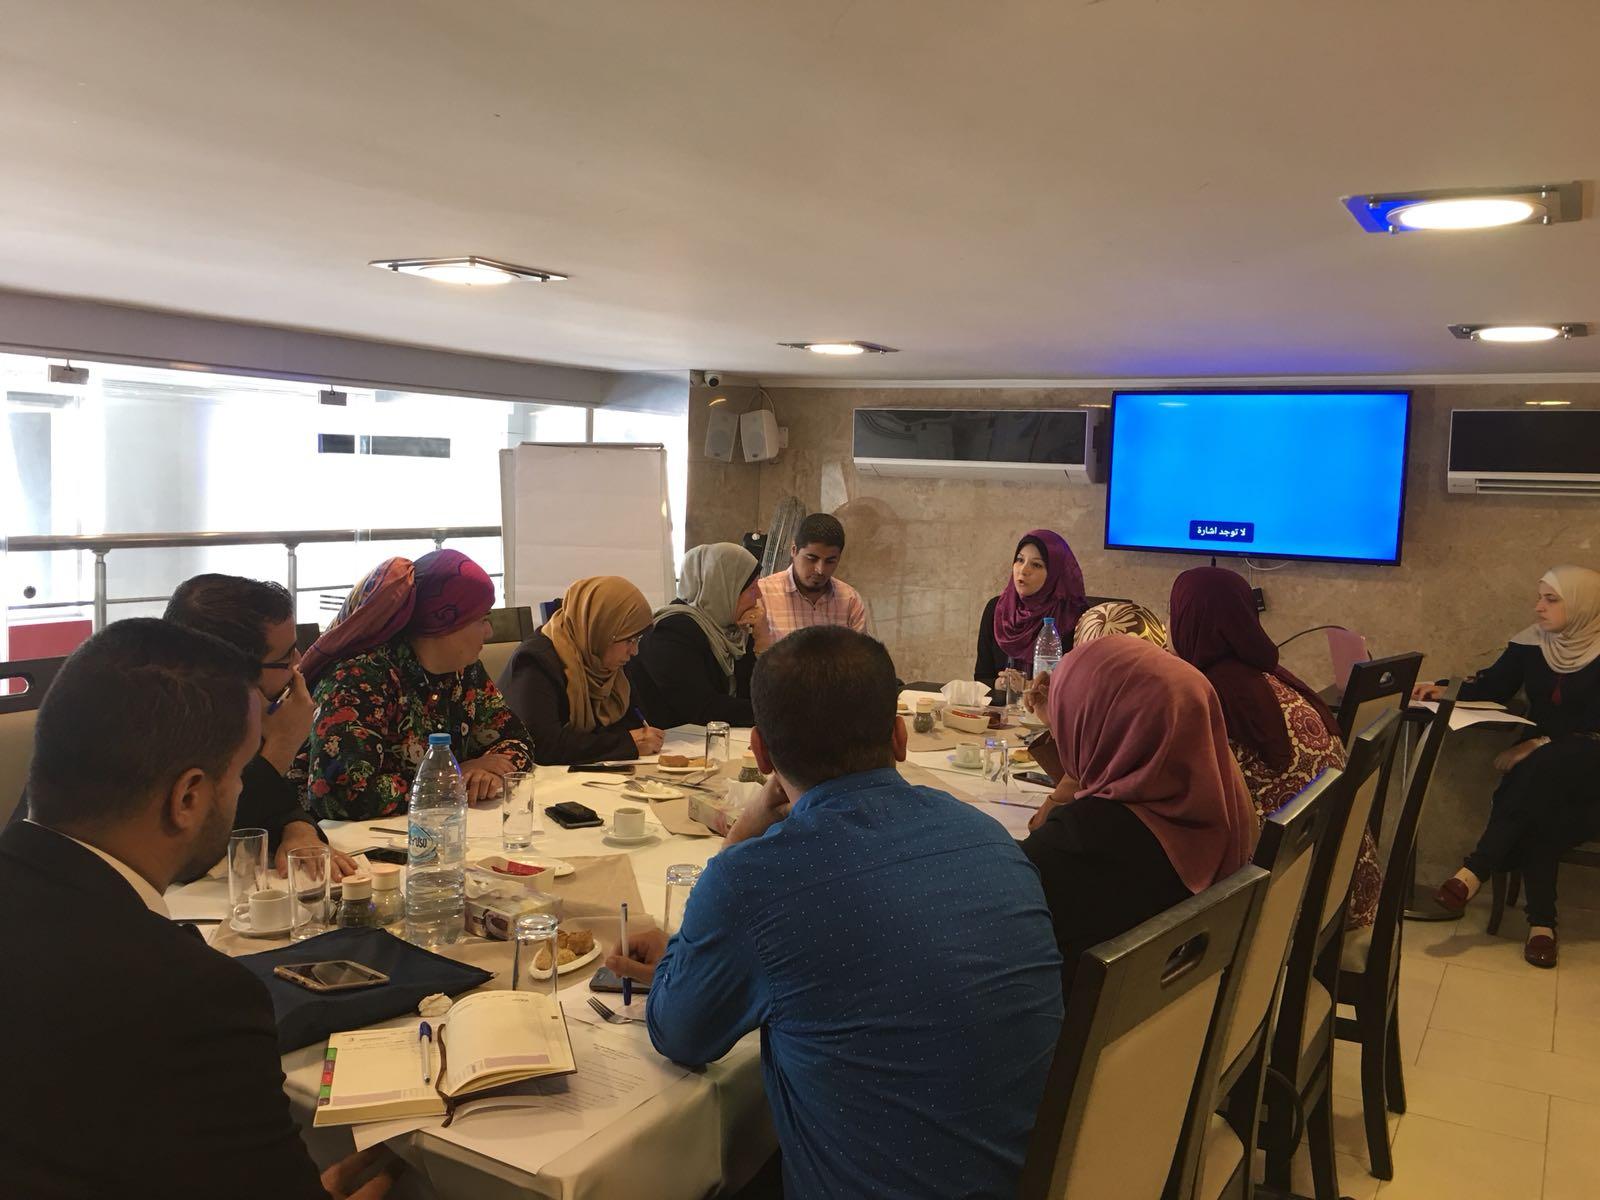 Territoires palestiniens: Euro-Med organise un atelier pour identifier les besoins des institutions participantes au projet